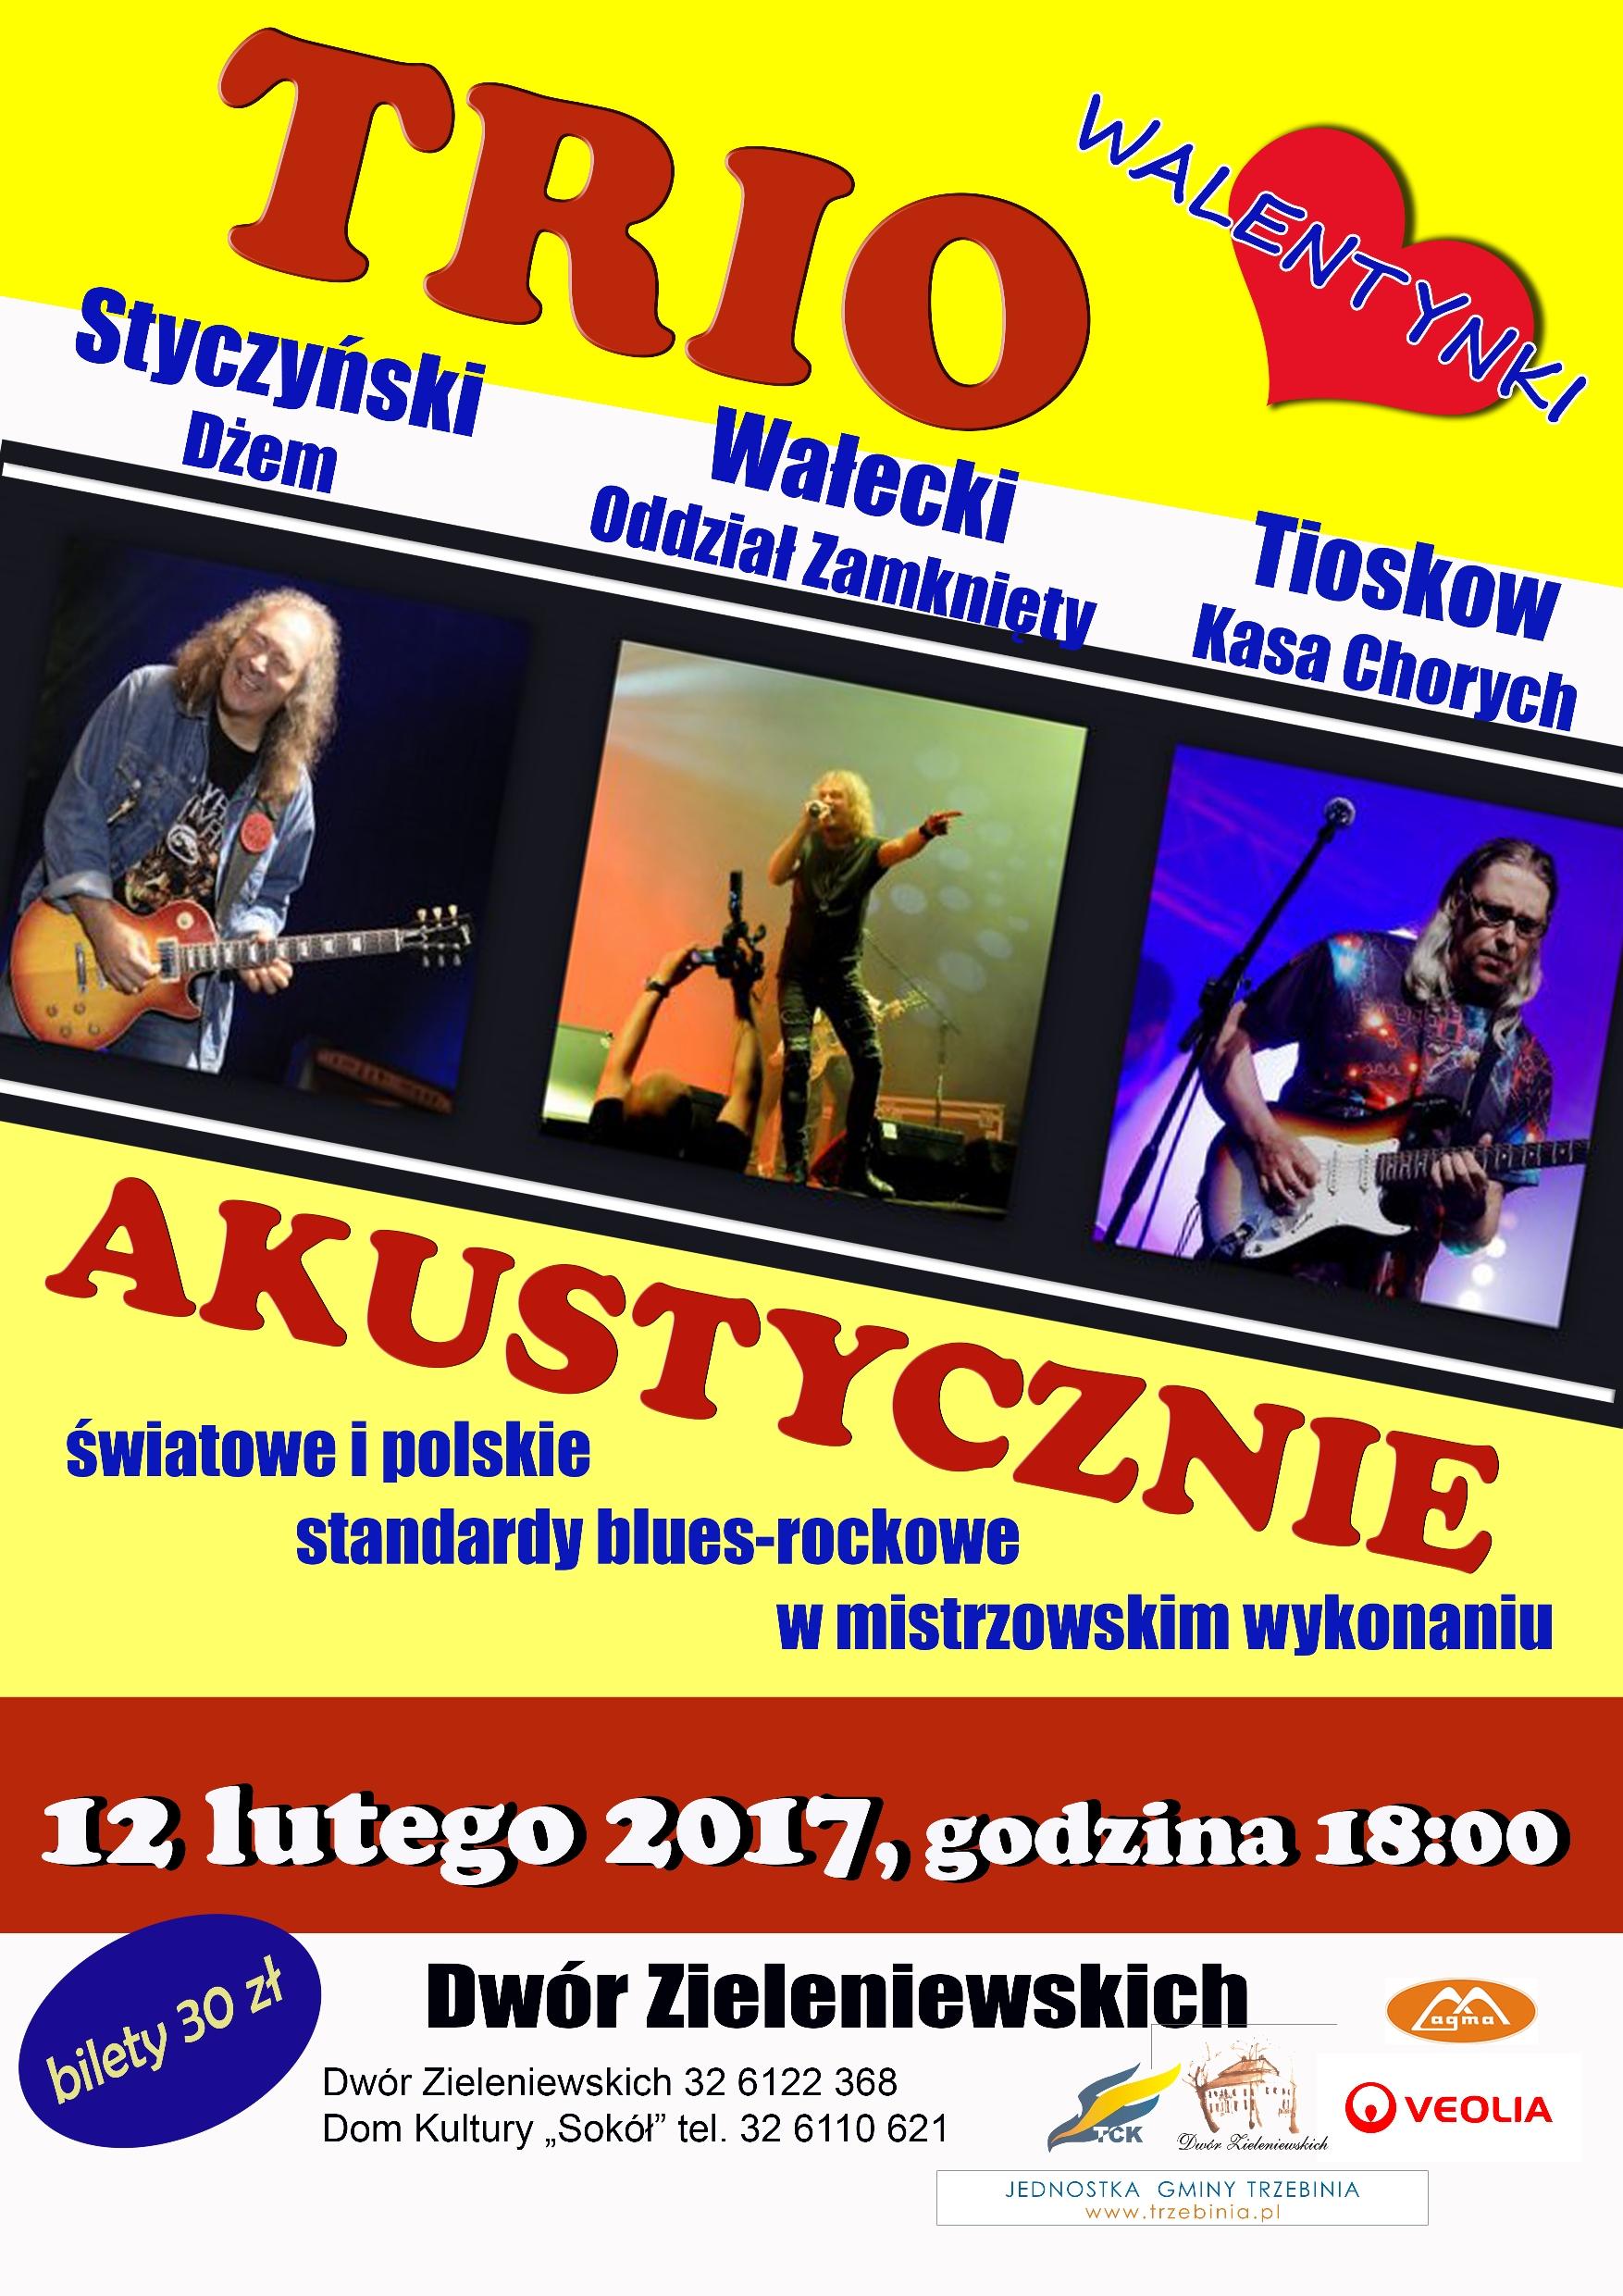 Trio Jerzego Styczyńskiego - koncert bluesowy